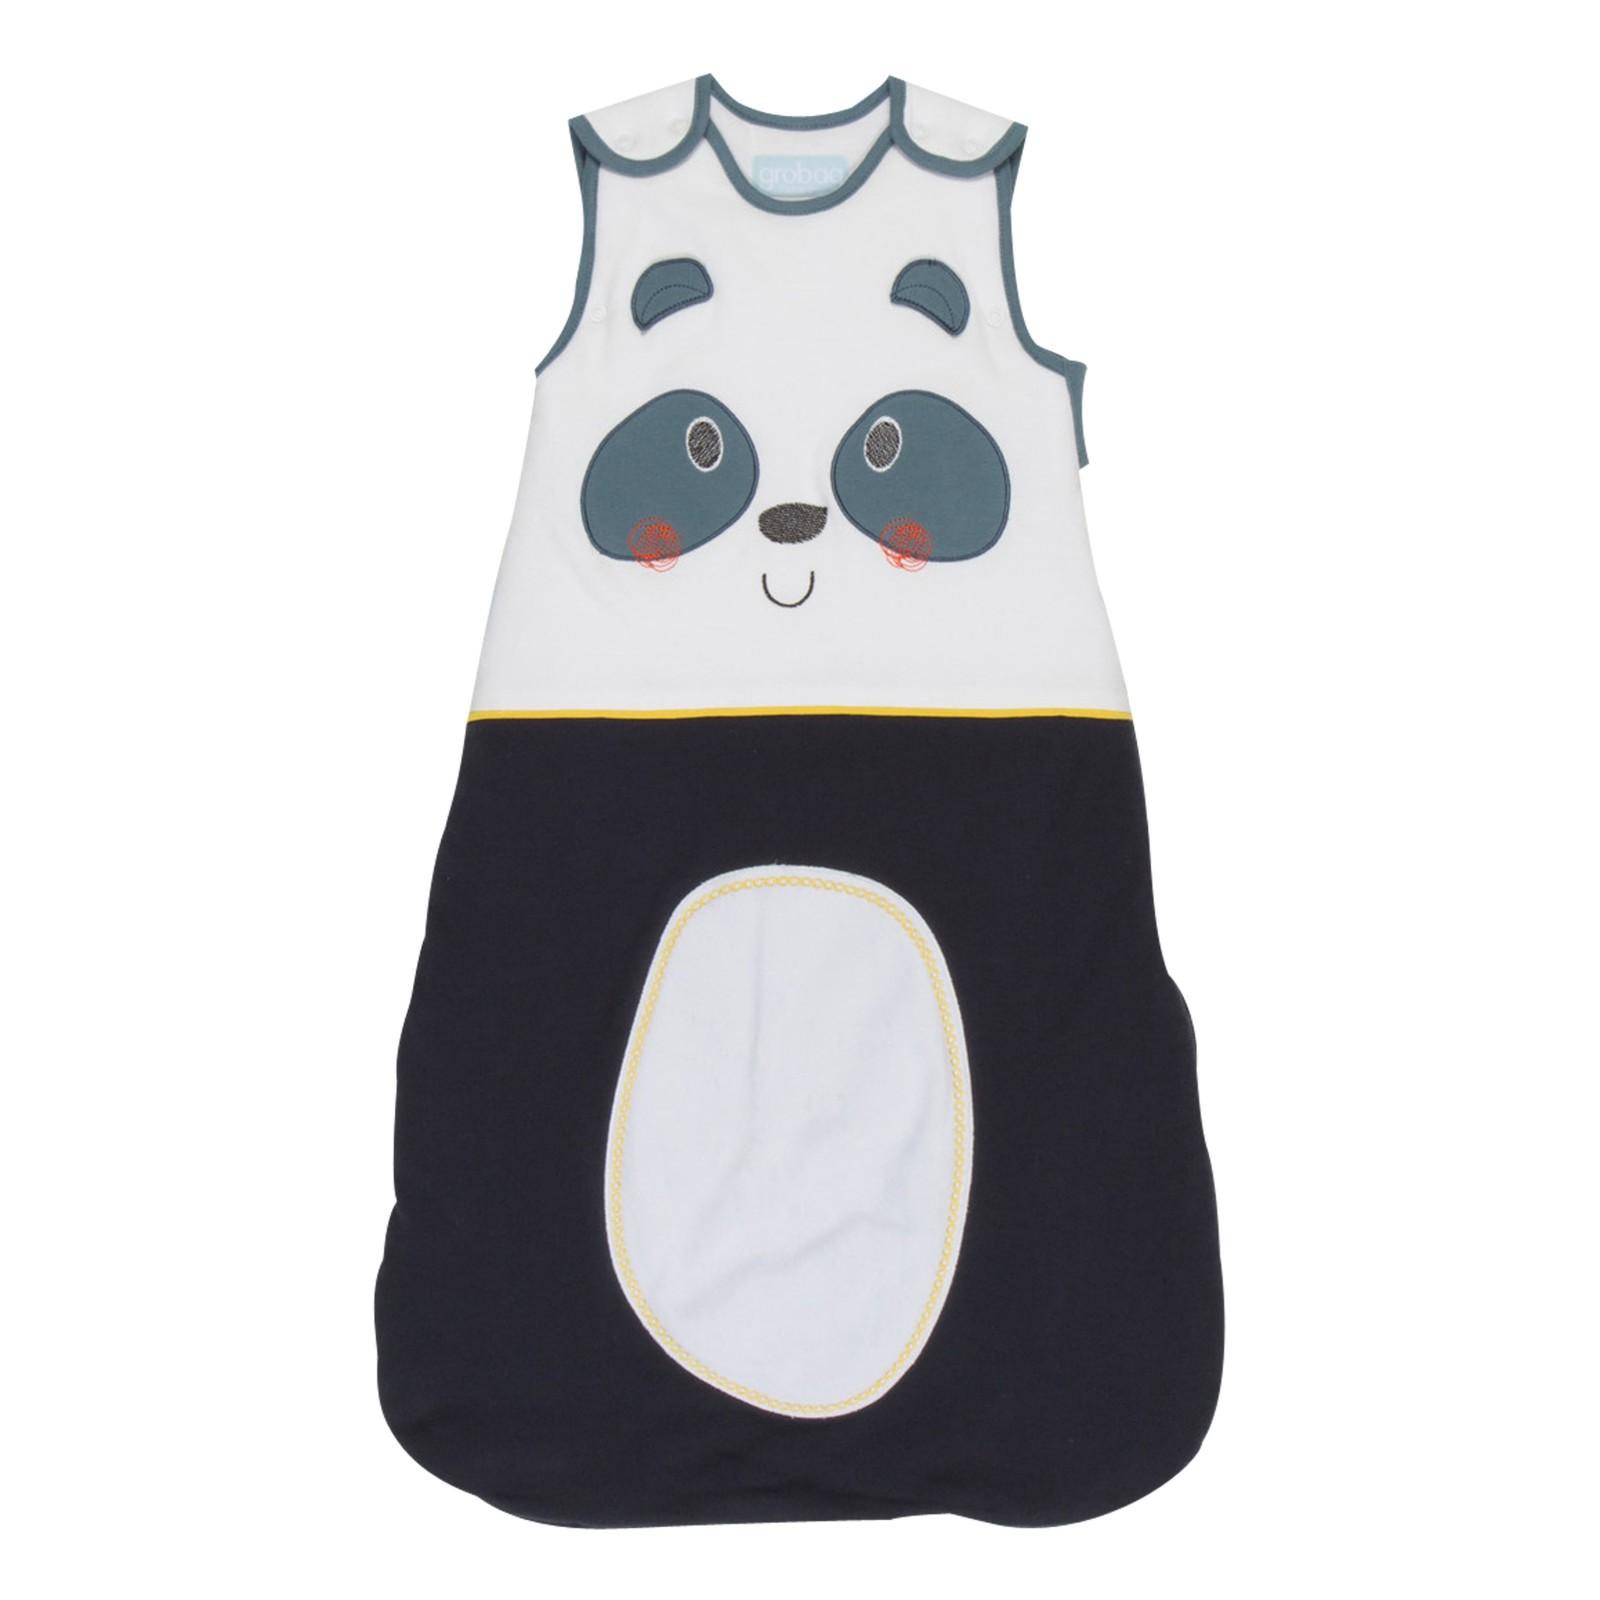 Grobag Baby Panda-Modium Sleep Bag